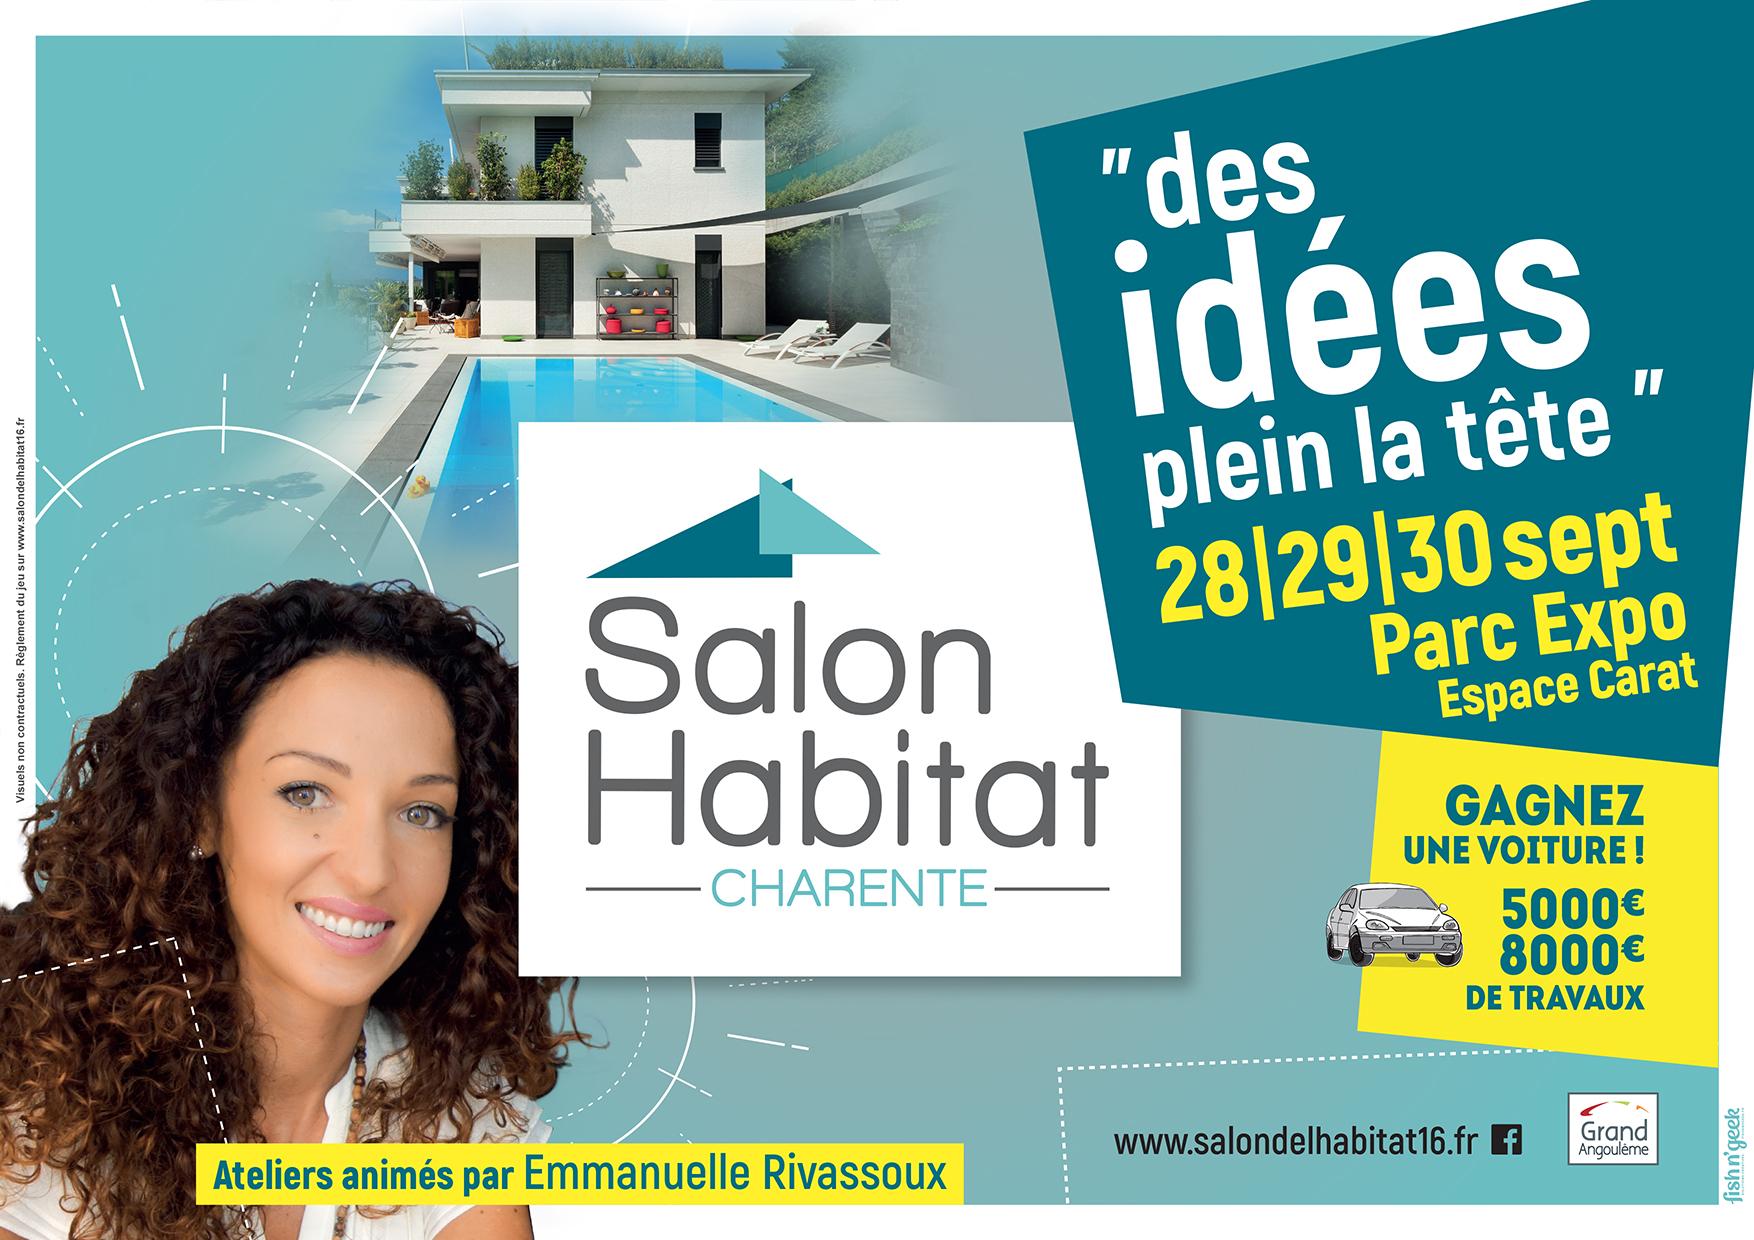 Salons de l'Habitat du Jardin de Saintes et de la Charente à l'espace Carat